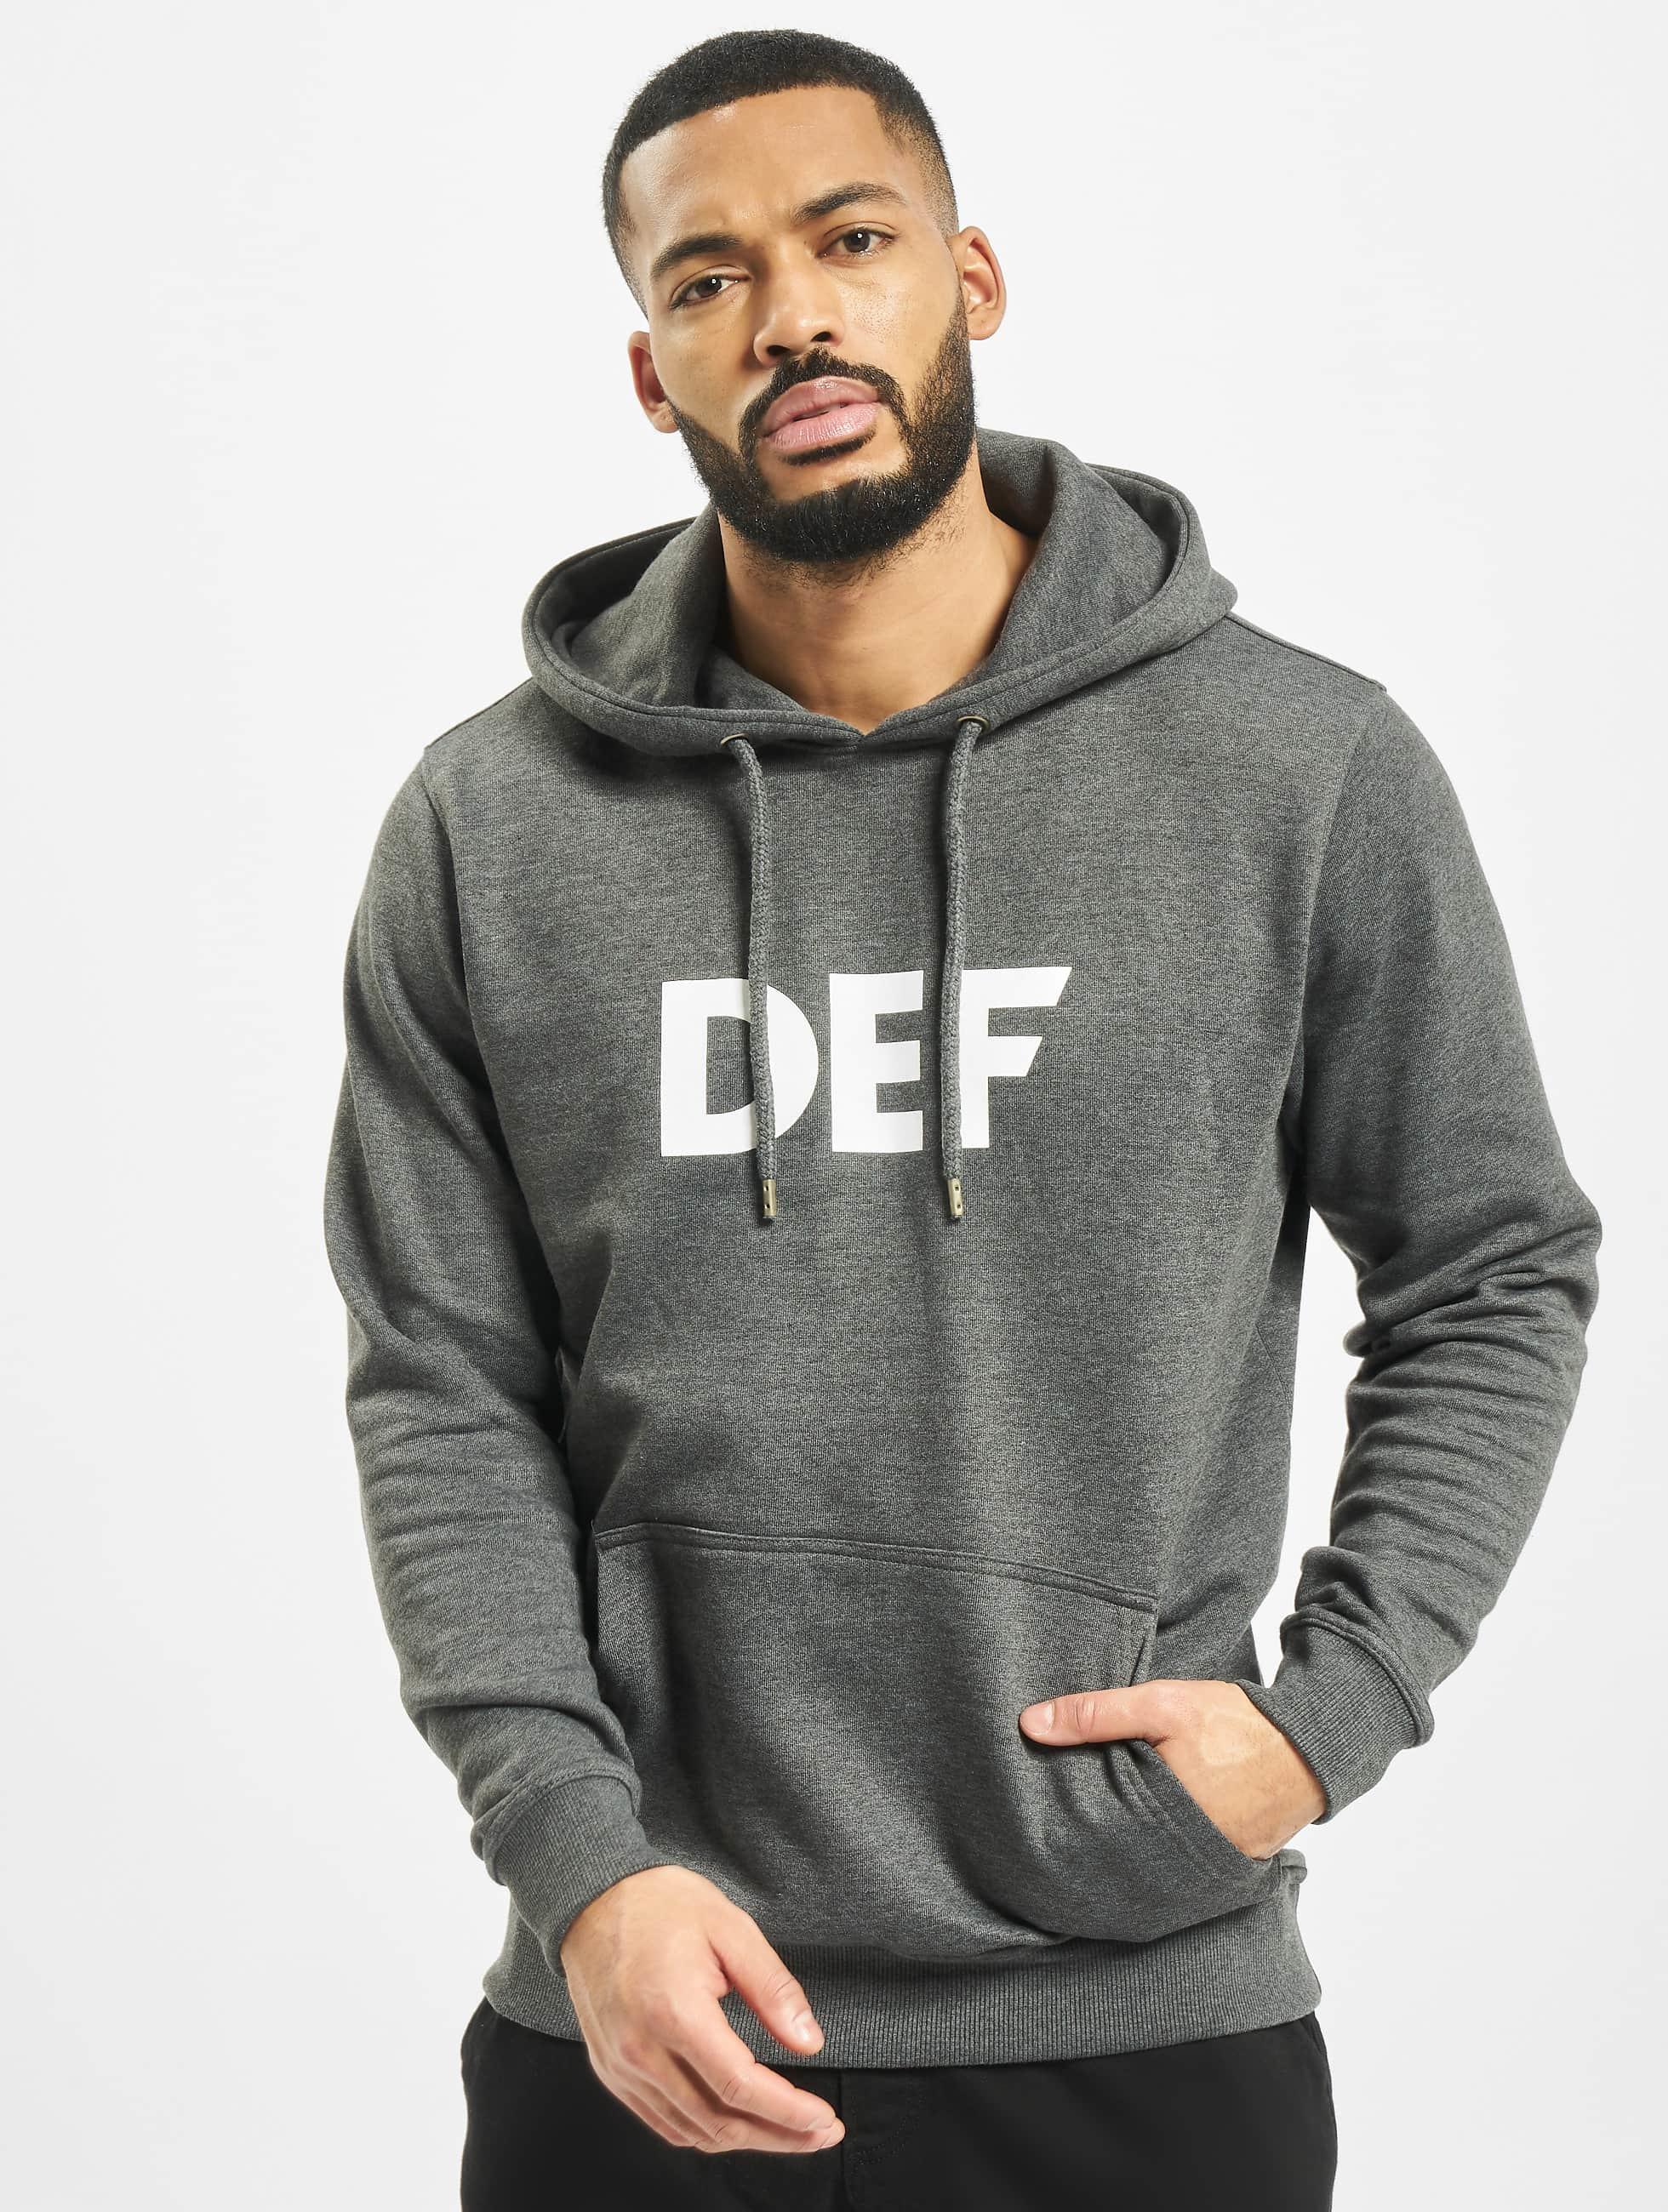 DEF Hoody Til Death grau